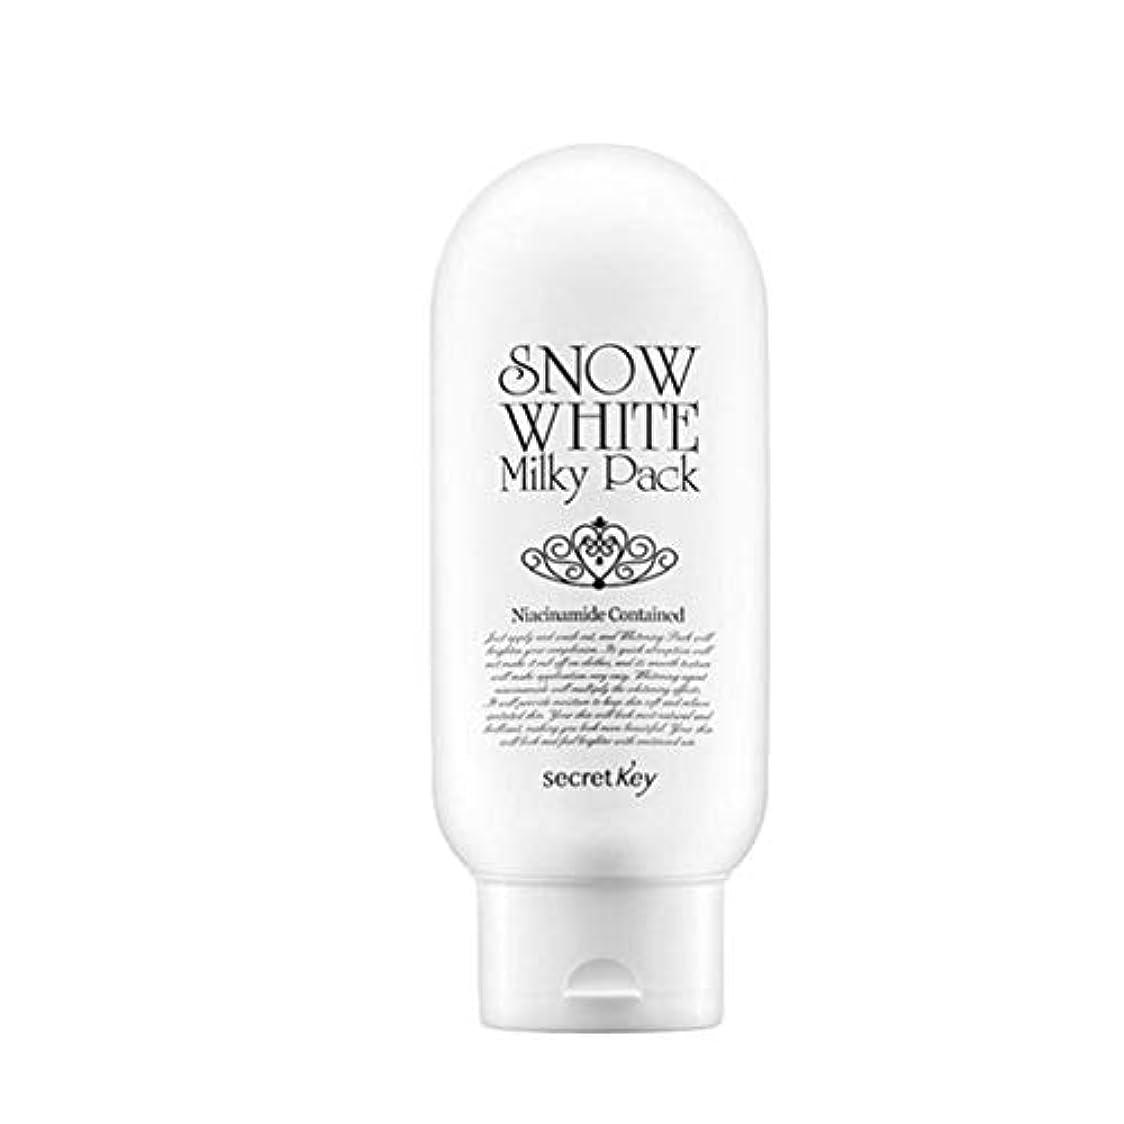 古風な掻くぞっとするようなシークレットキースノーホワイトミルキーパック200g韓国コスメ、Secret Key Snow White Milky Pack 200g Korean Cosmetics [並行輸入品]